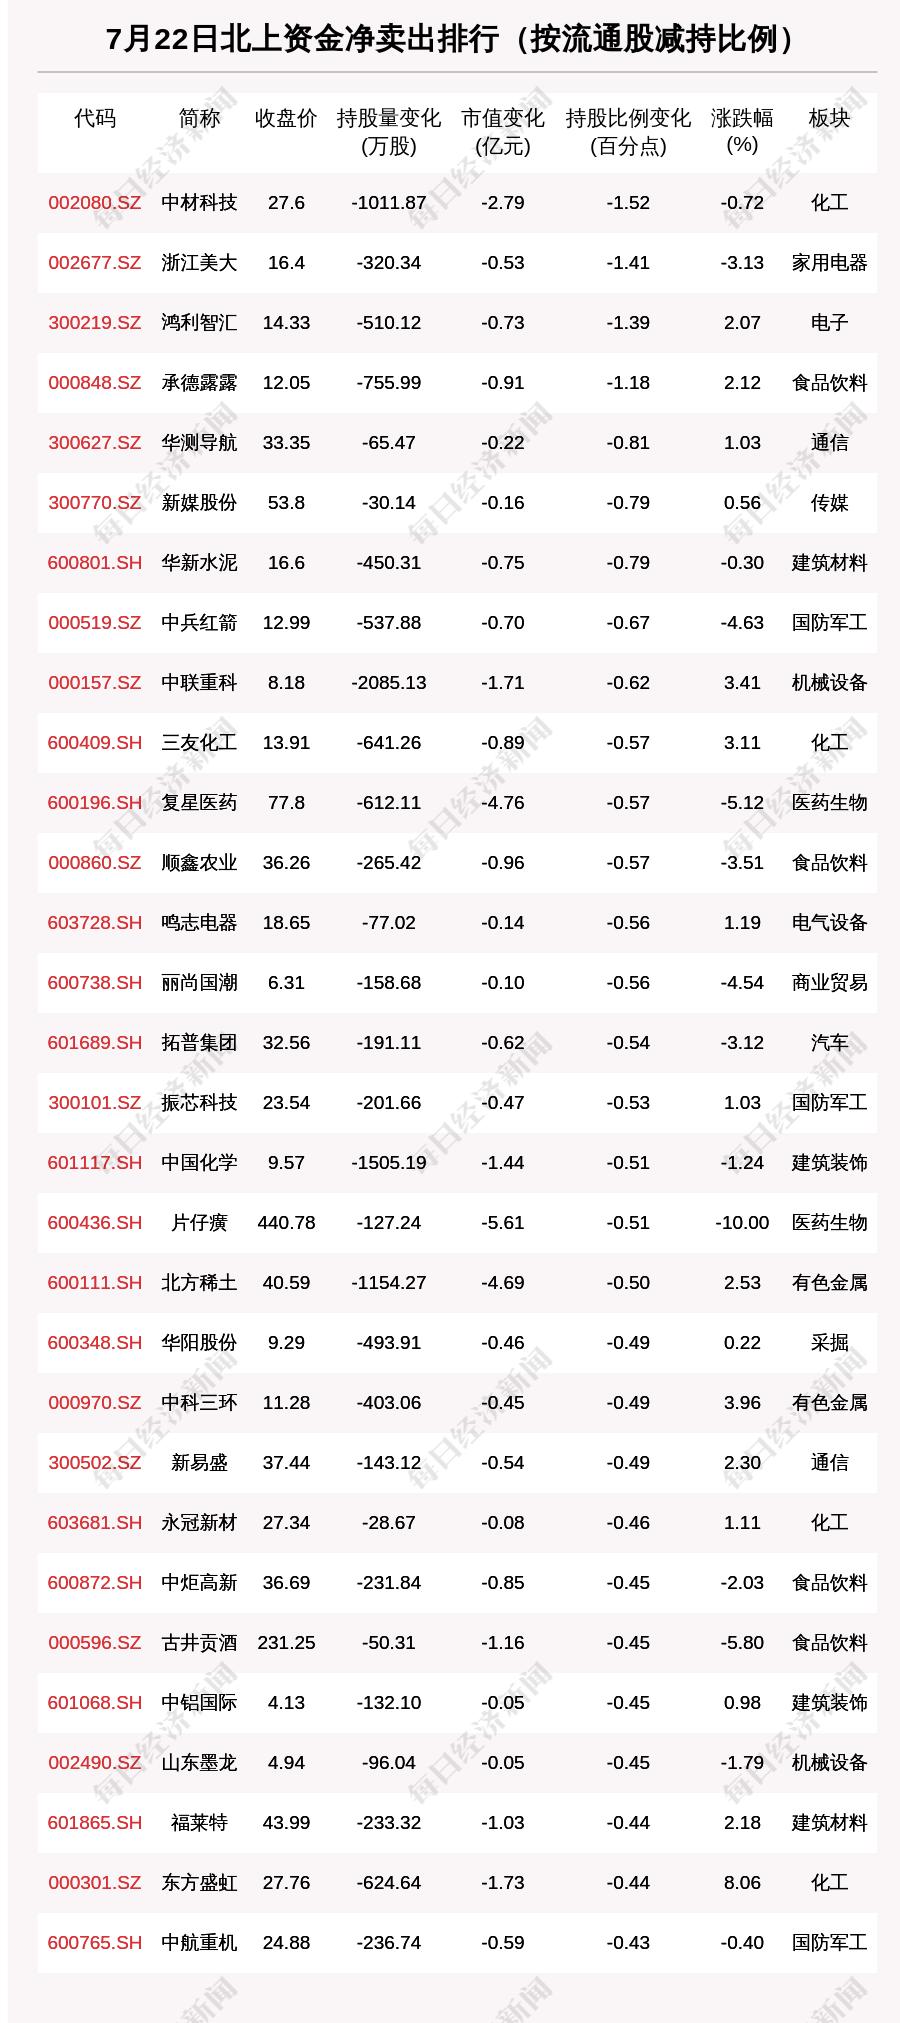 北向资金动向曝光:7月22日这30只个股遭大甩卖(附名单)